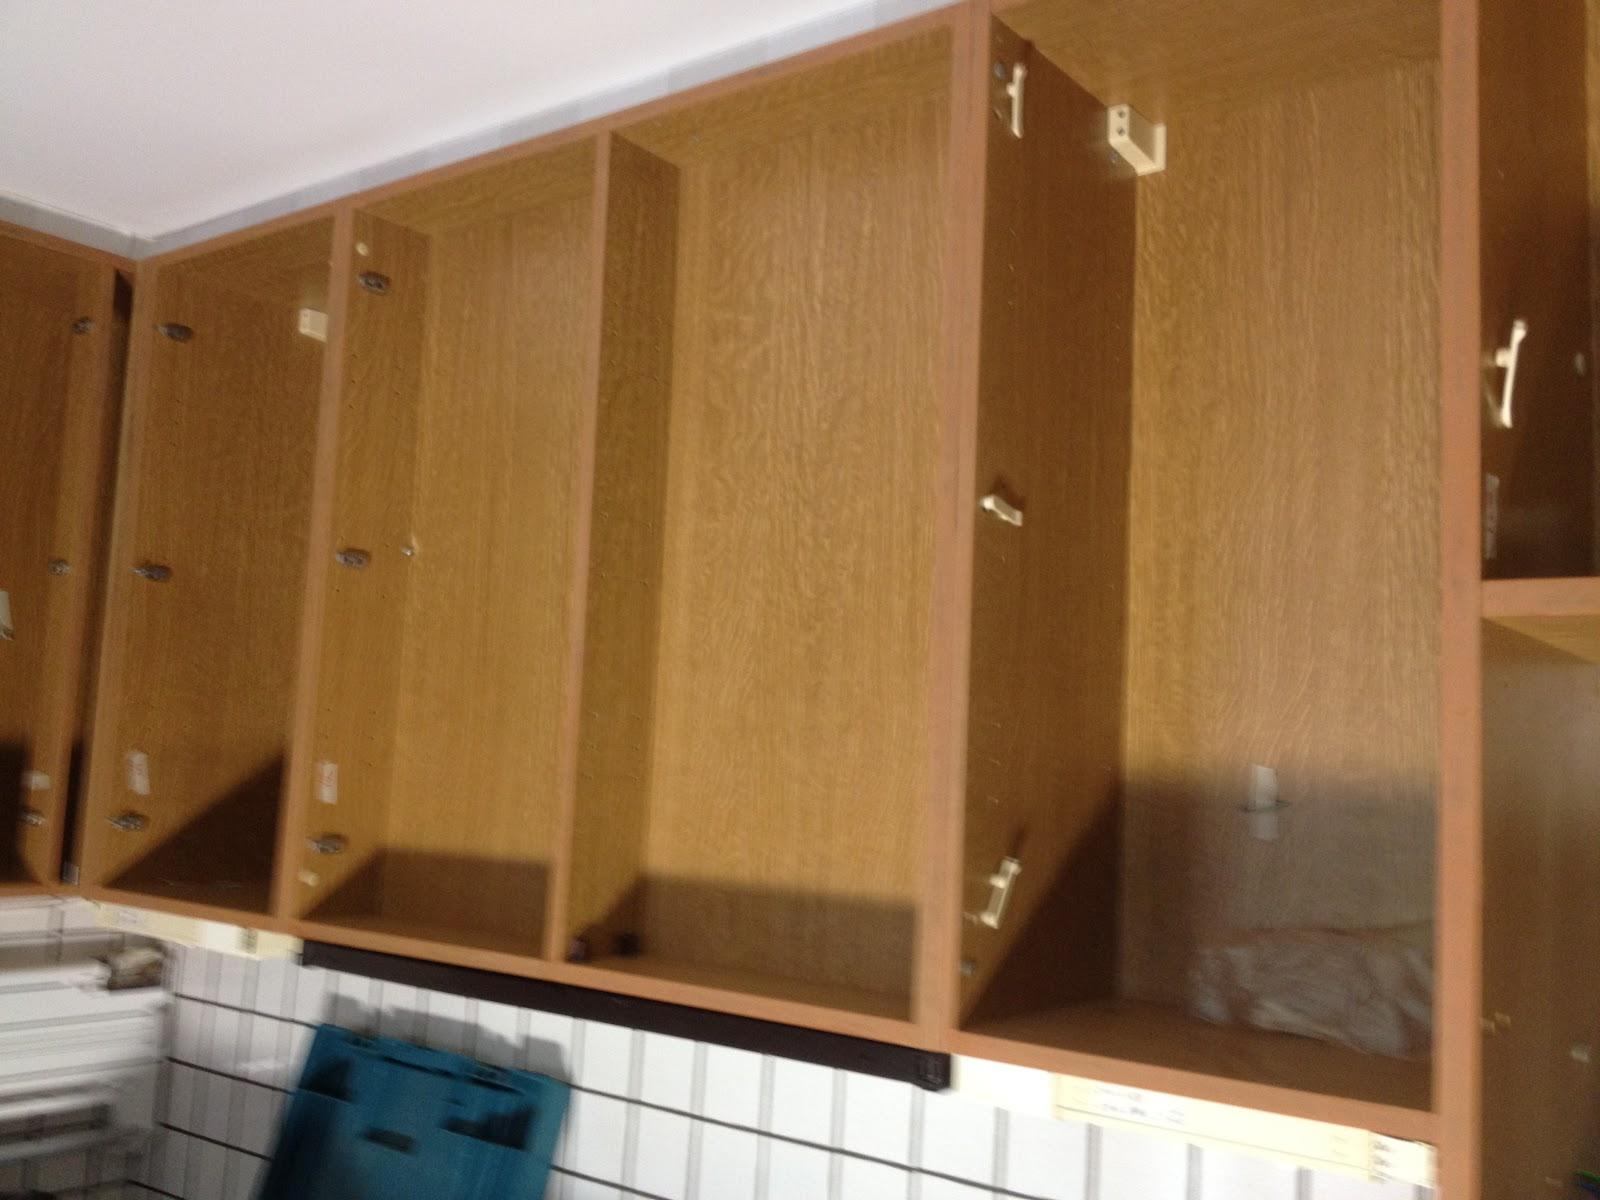 Fineer Keuken Verwijderen : van eiken keukens: Demonteren van een eiken keuken voor renovatie